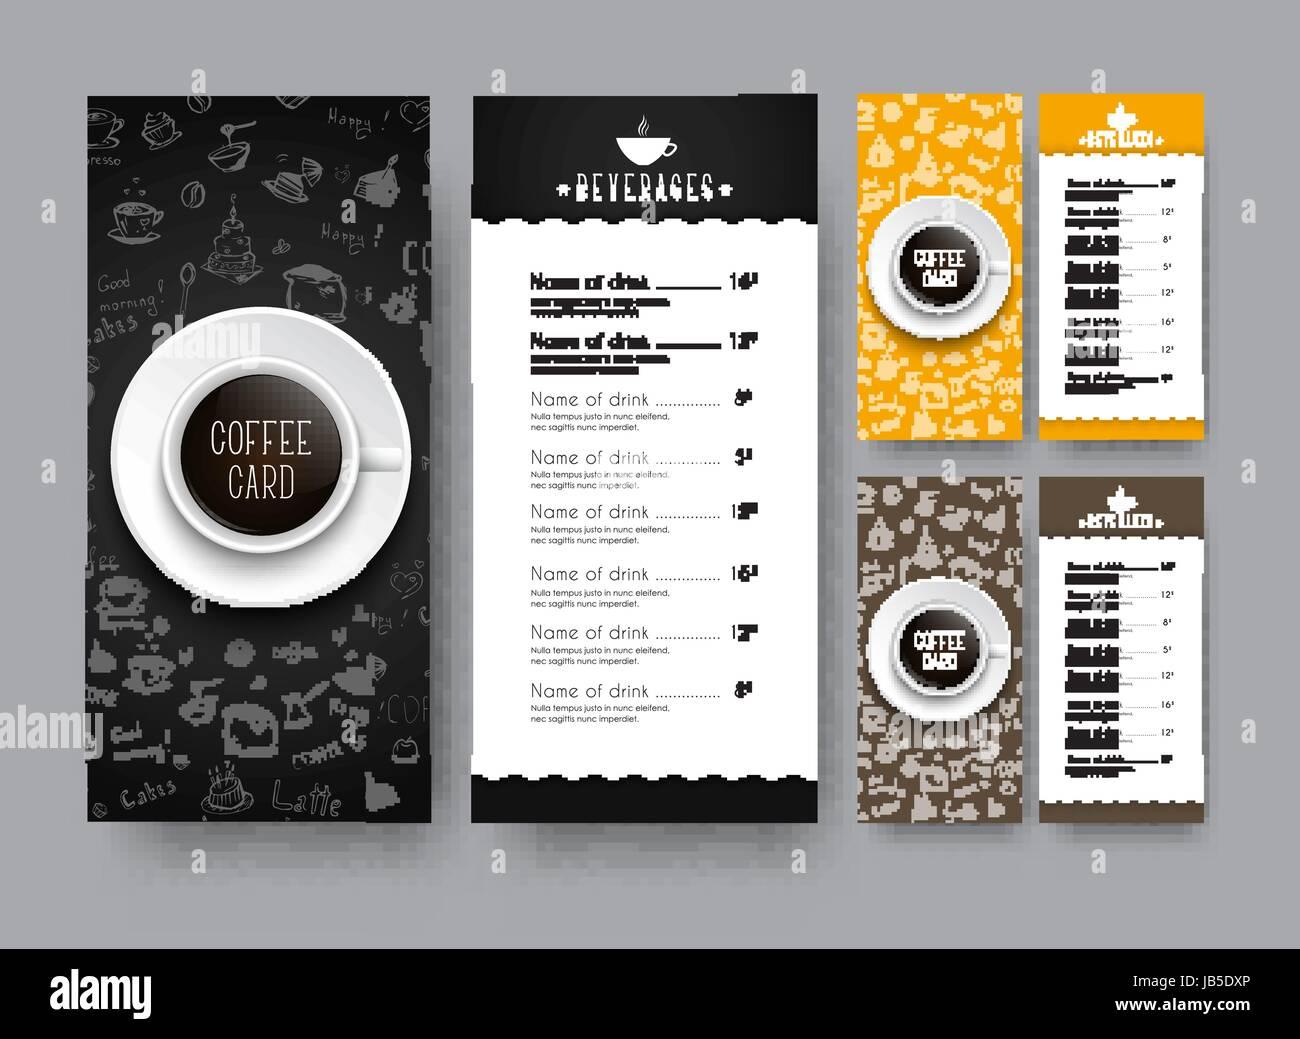 Entwurf eines schmalen Menüs für ein Café oder Restaurant. Eine ...